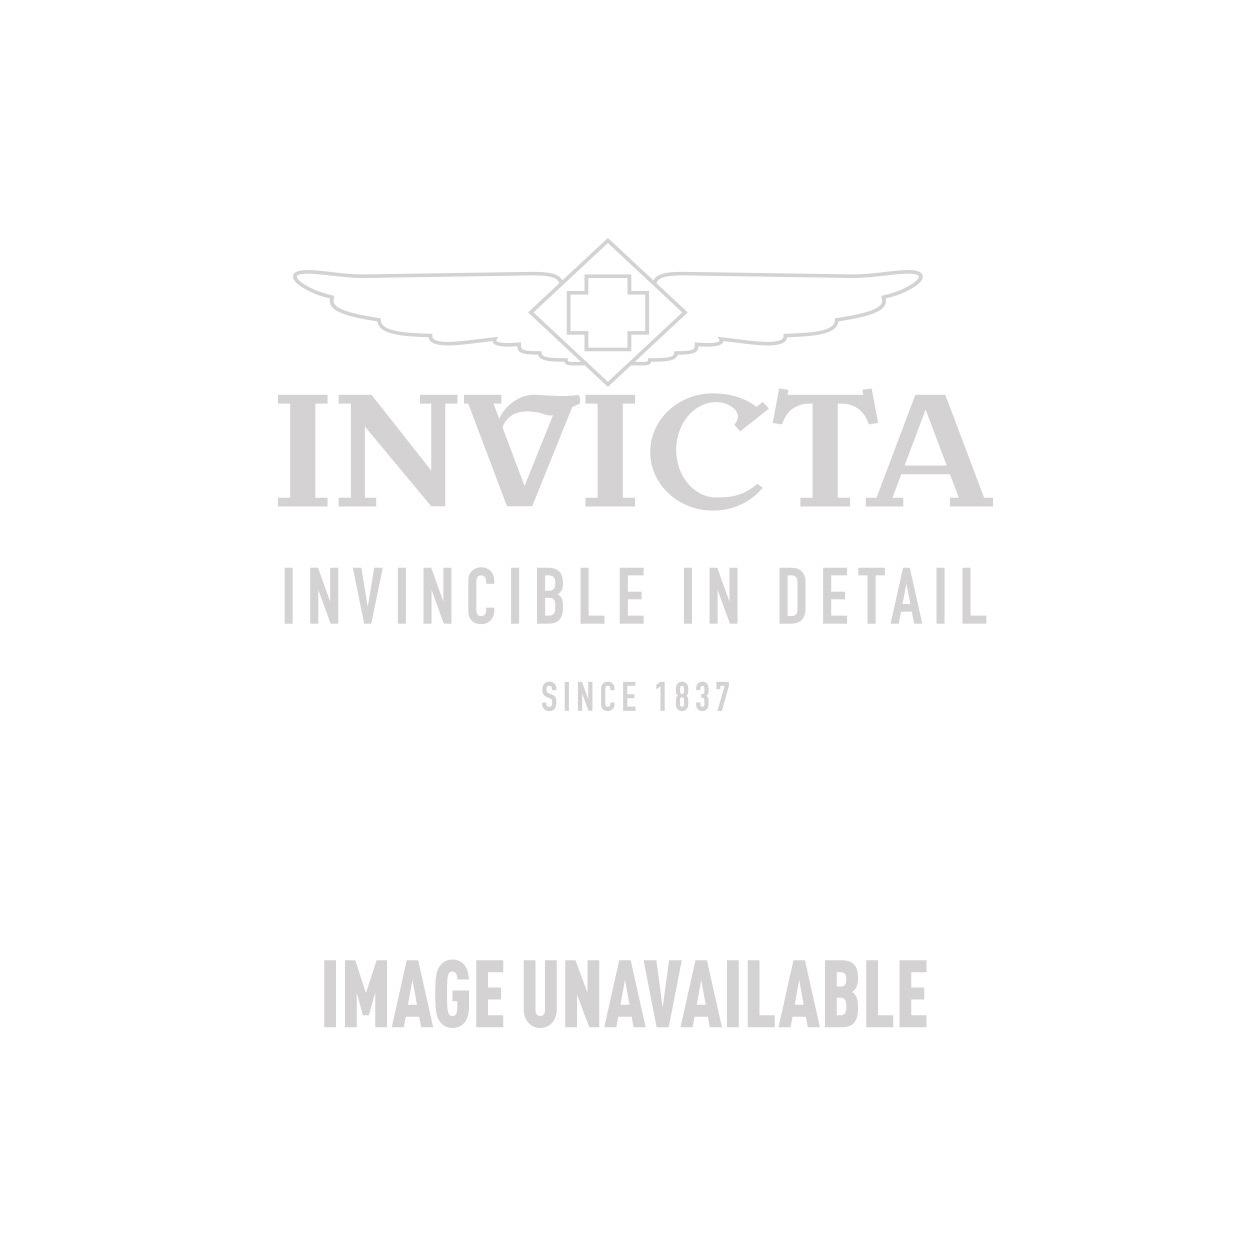 Invicta Model 29140